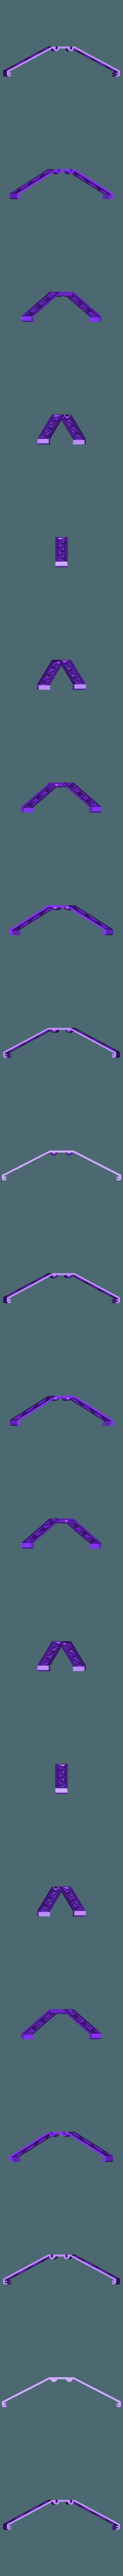 Main_floating_photo_frame_.stl Télécharger fichier STL gratuit Floating photo frame for wall angle • Design à imprimer en 3D, Barbe_Iturique